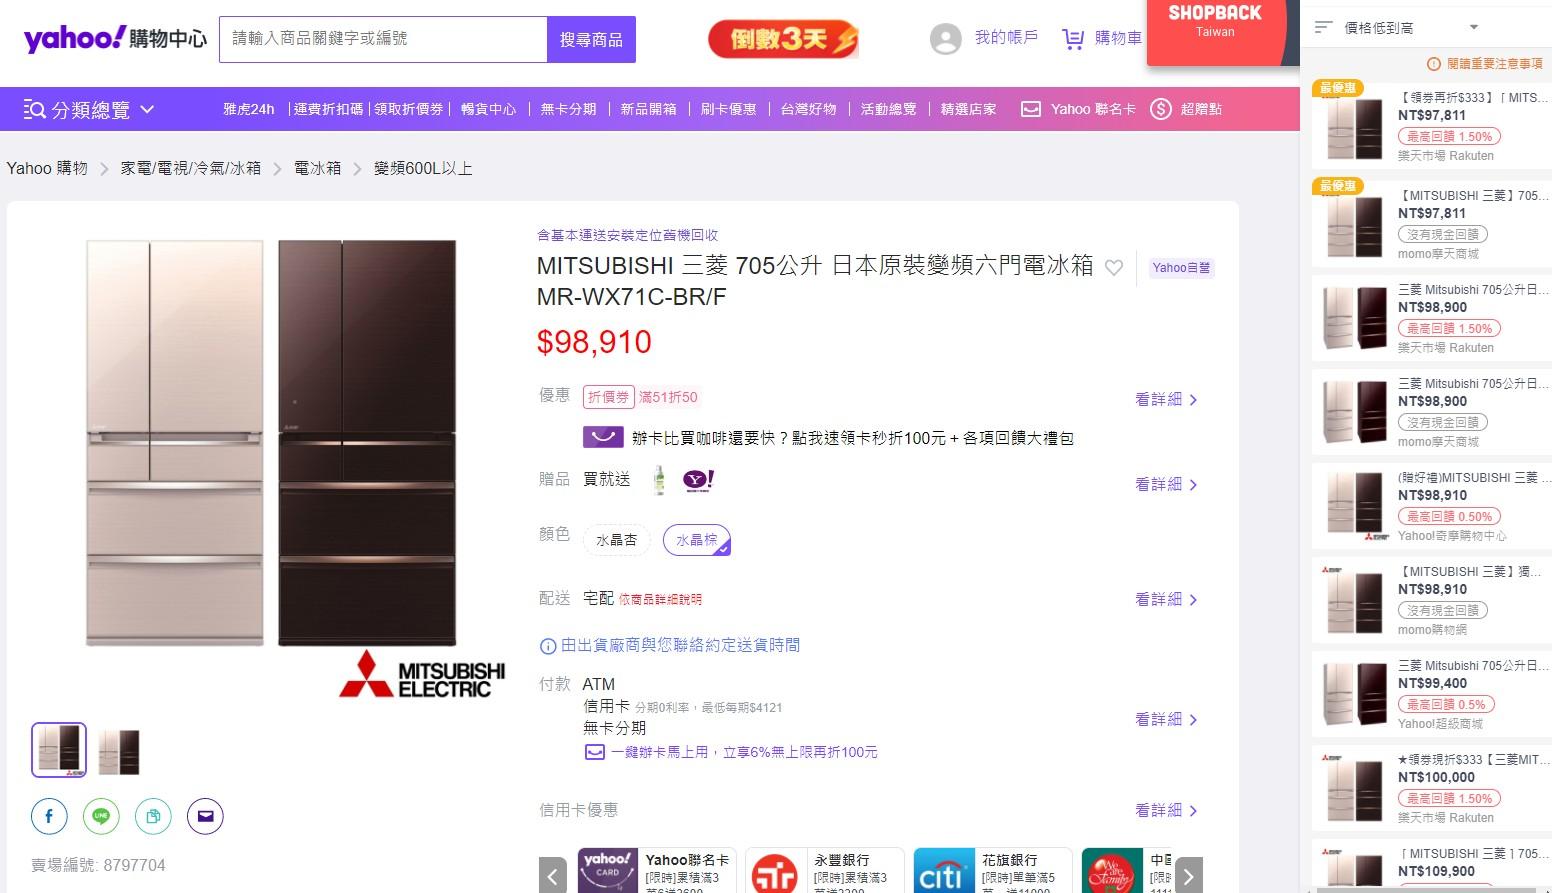 【板橋大遠百周年慶】MITSUBISHI 三菱冰箱|MR-WX71Y大容量冰箱 @GINA環球旅行生活|不會韓文也可以去韓國 🇹🇼